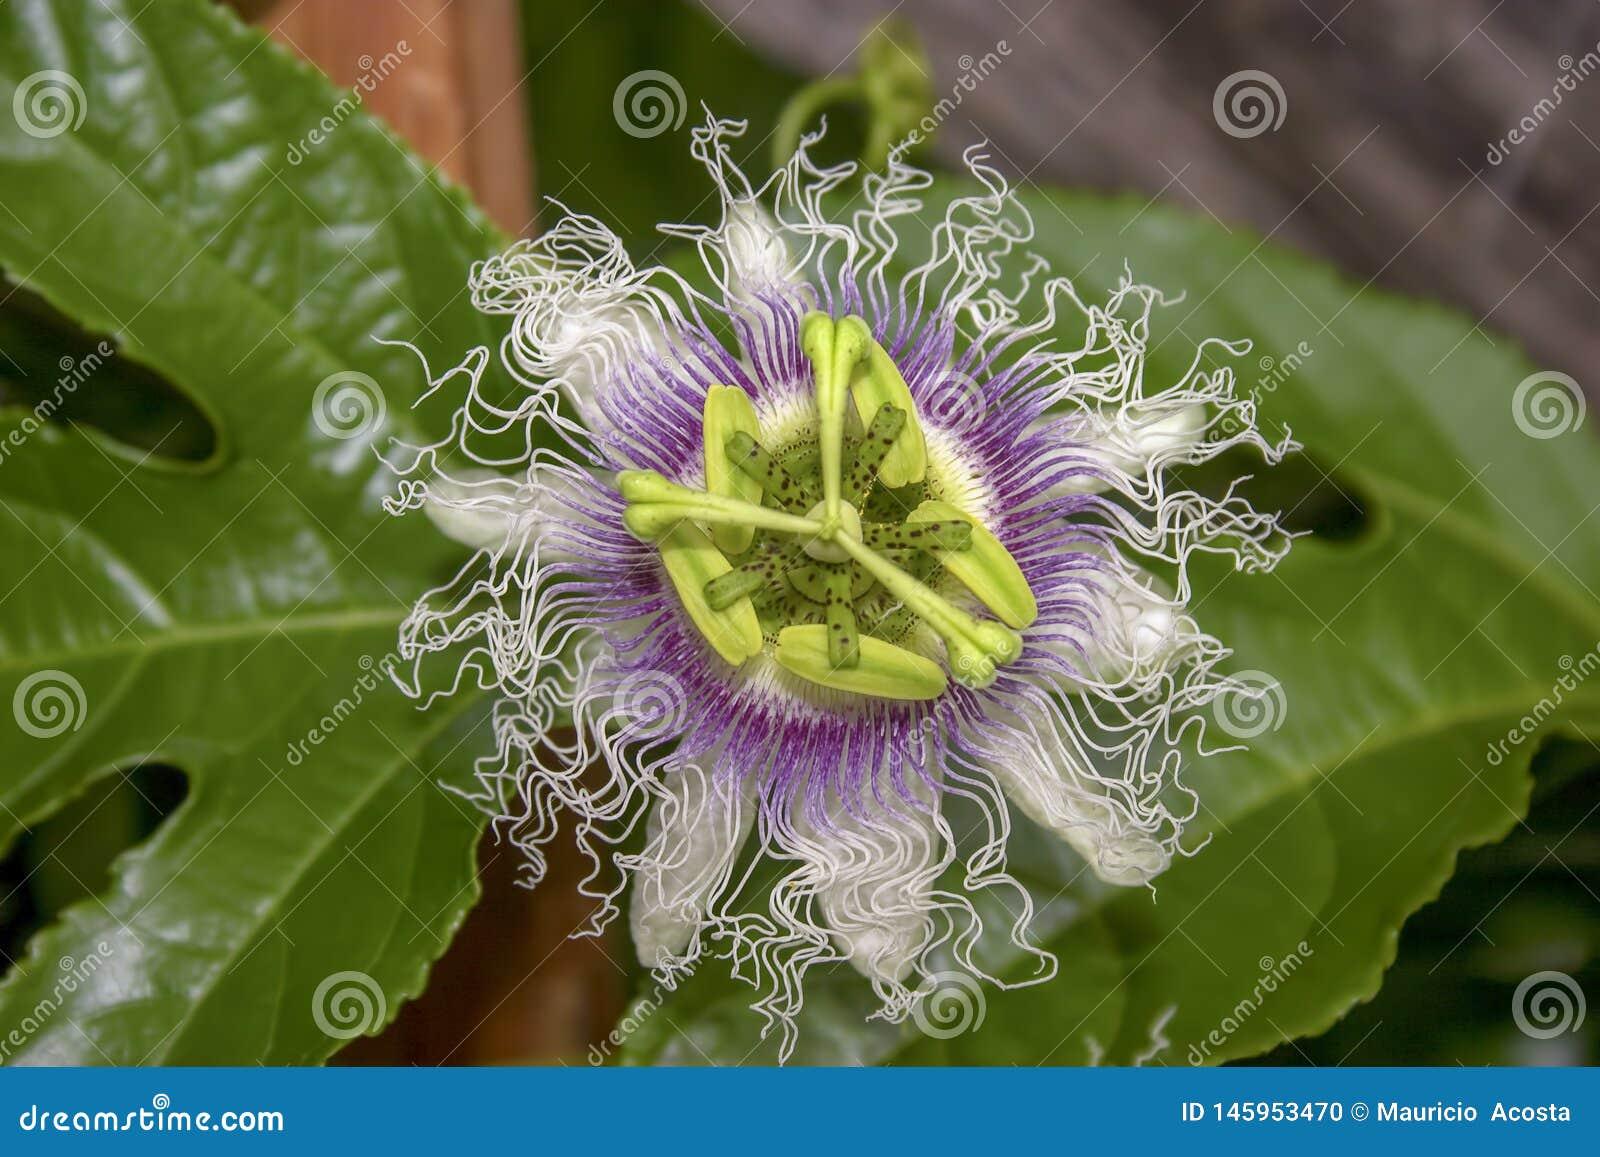 Μακρο φωτογραφία ενός λουλουδιού λωτού